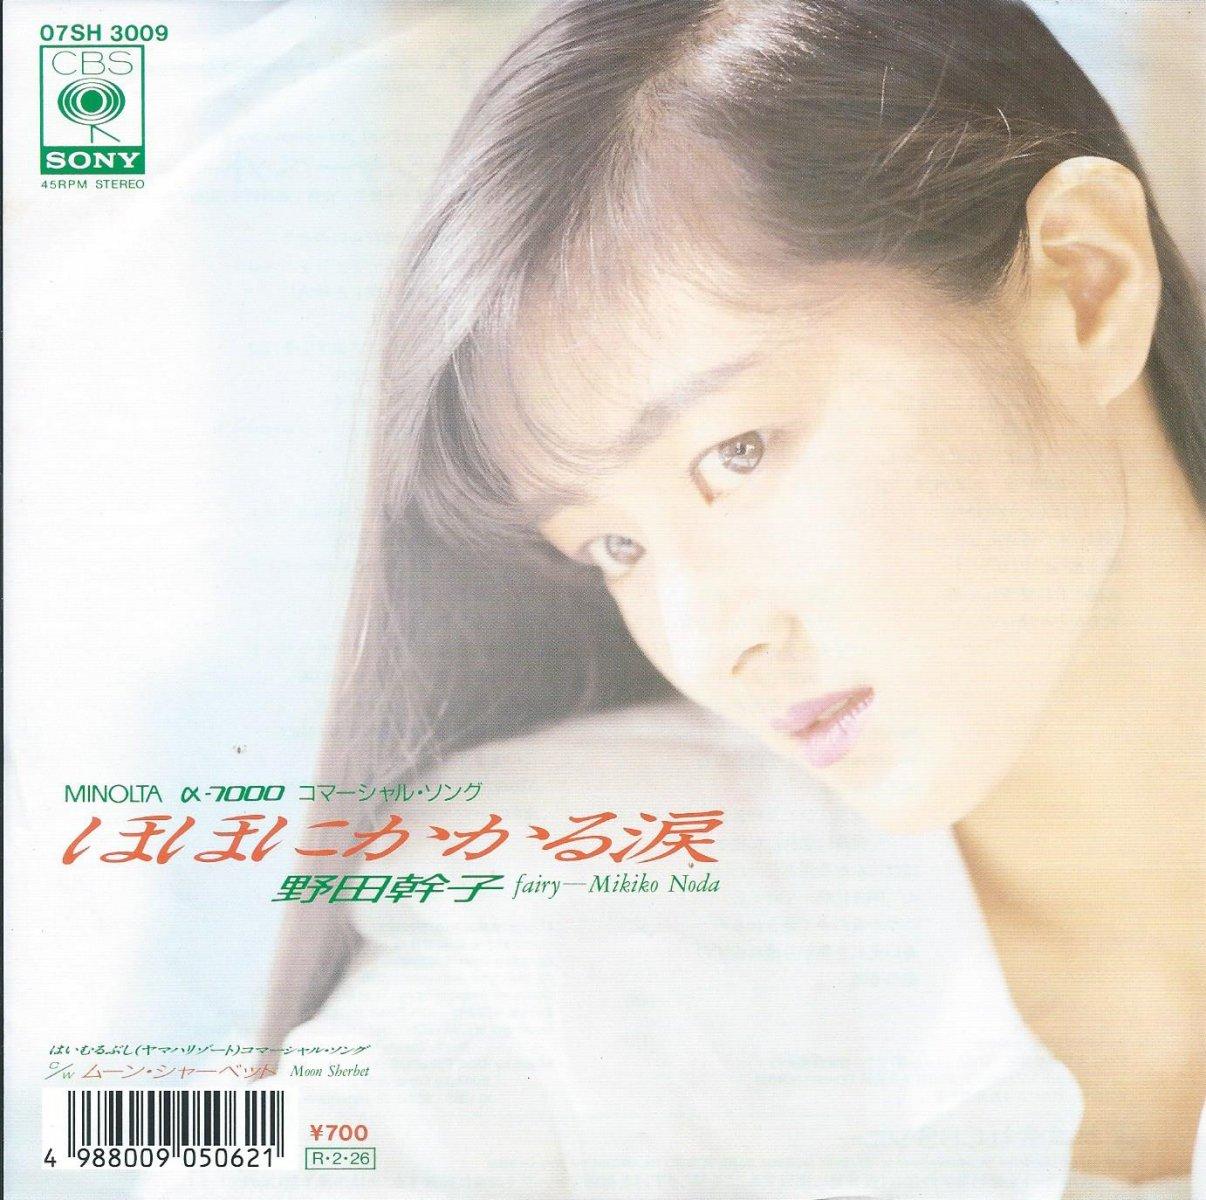 野田幹子 MIKIKO NODA / ほほにかかる涙 -FAIRY- / ムーン・シャーベット -MOON SHERBET- (7